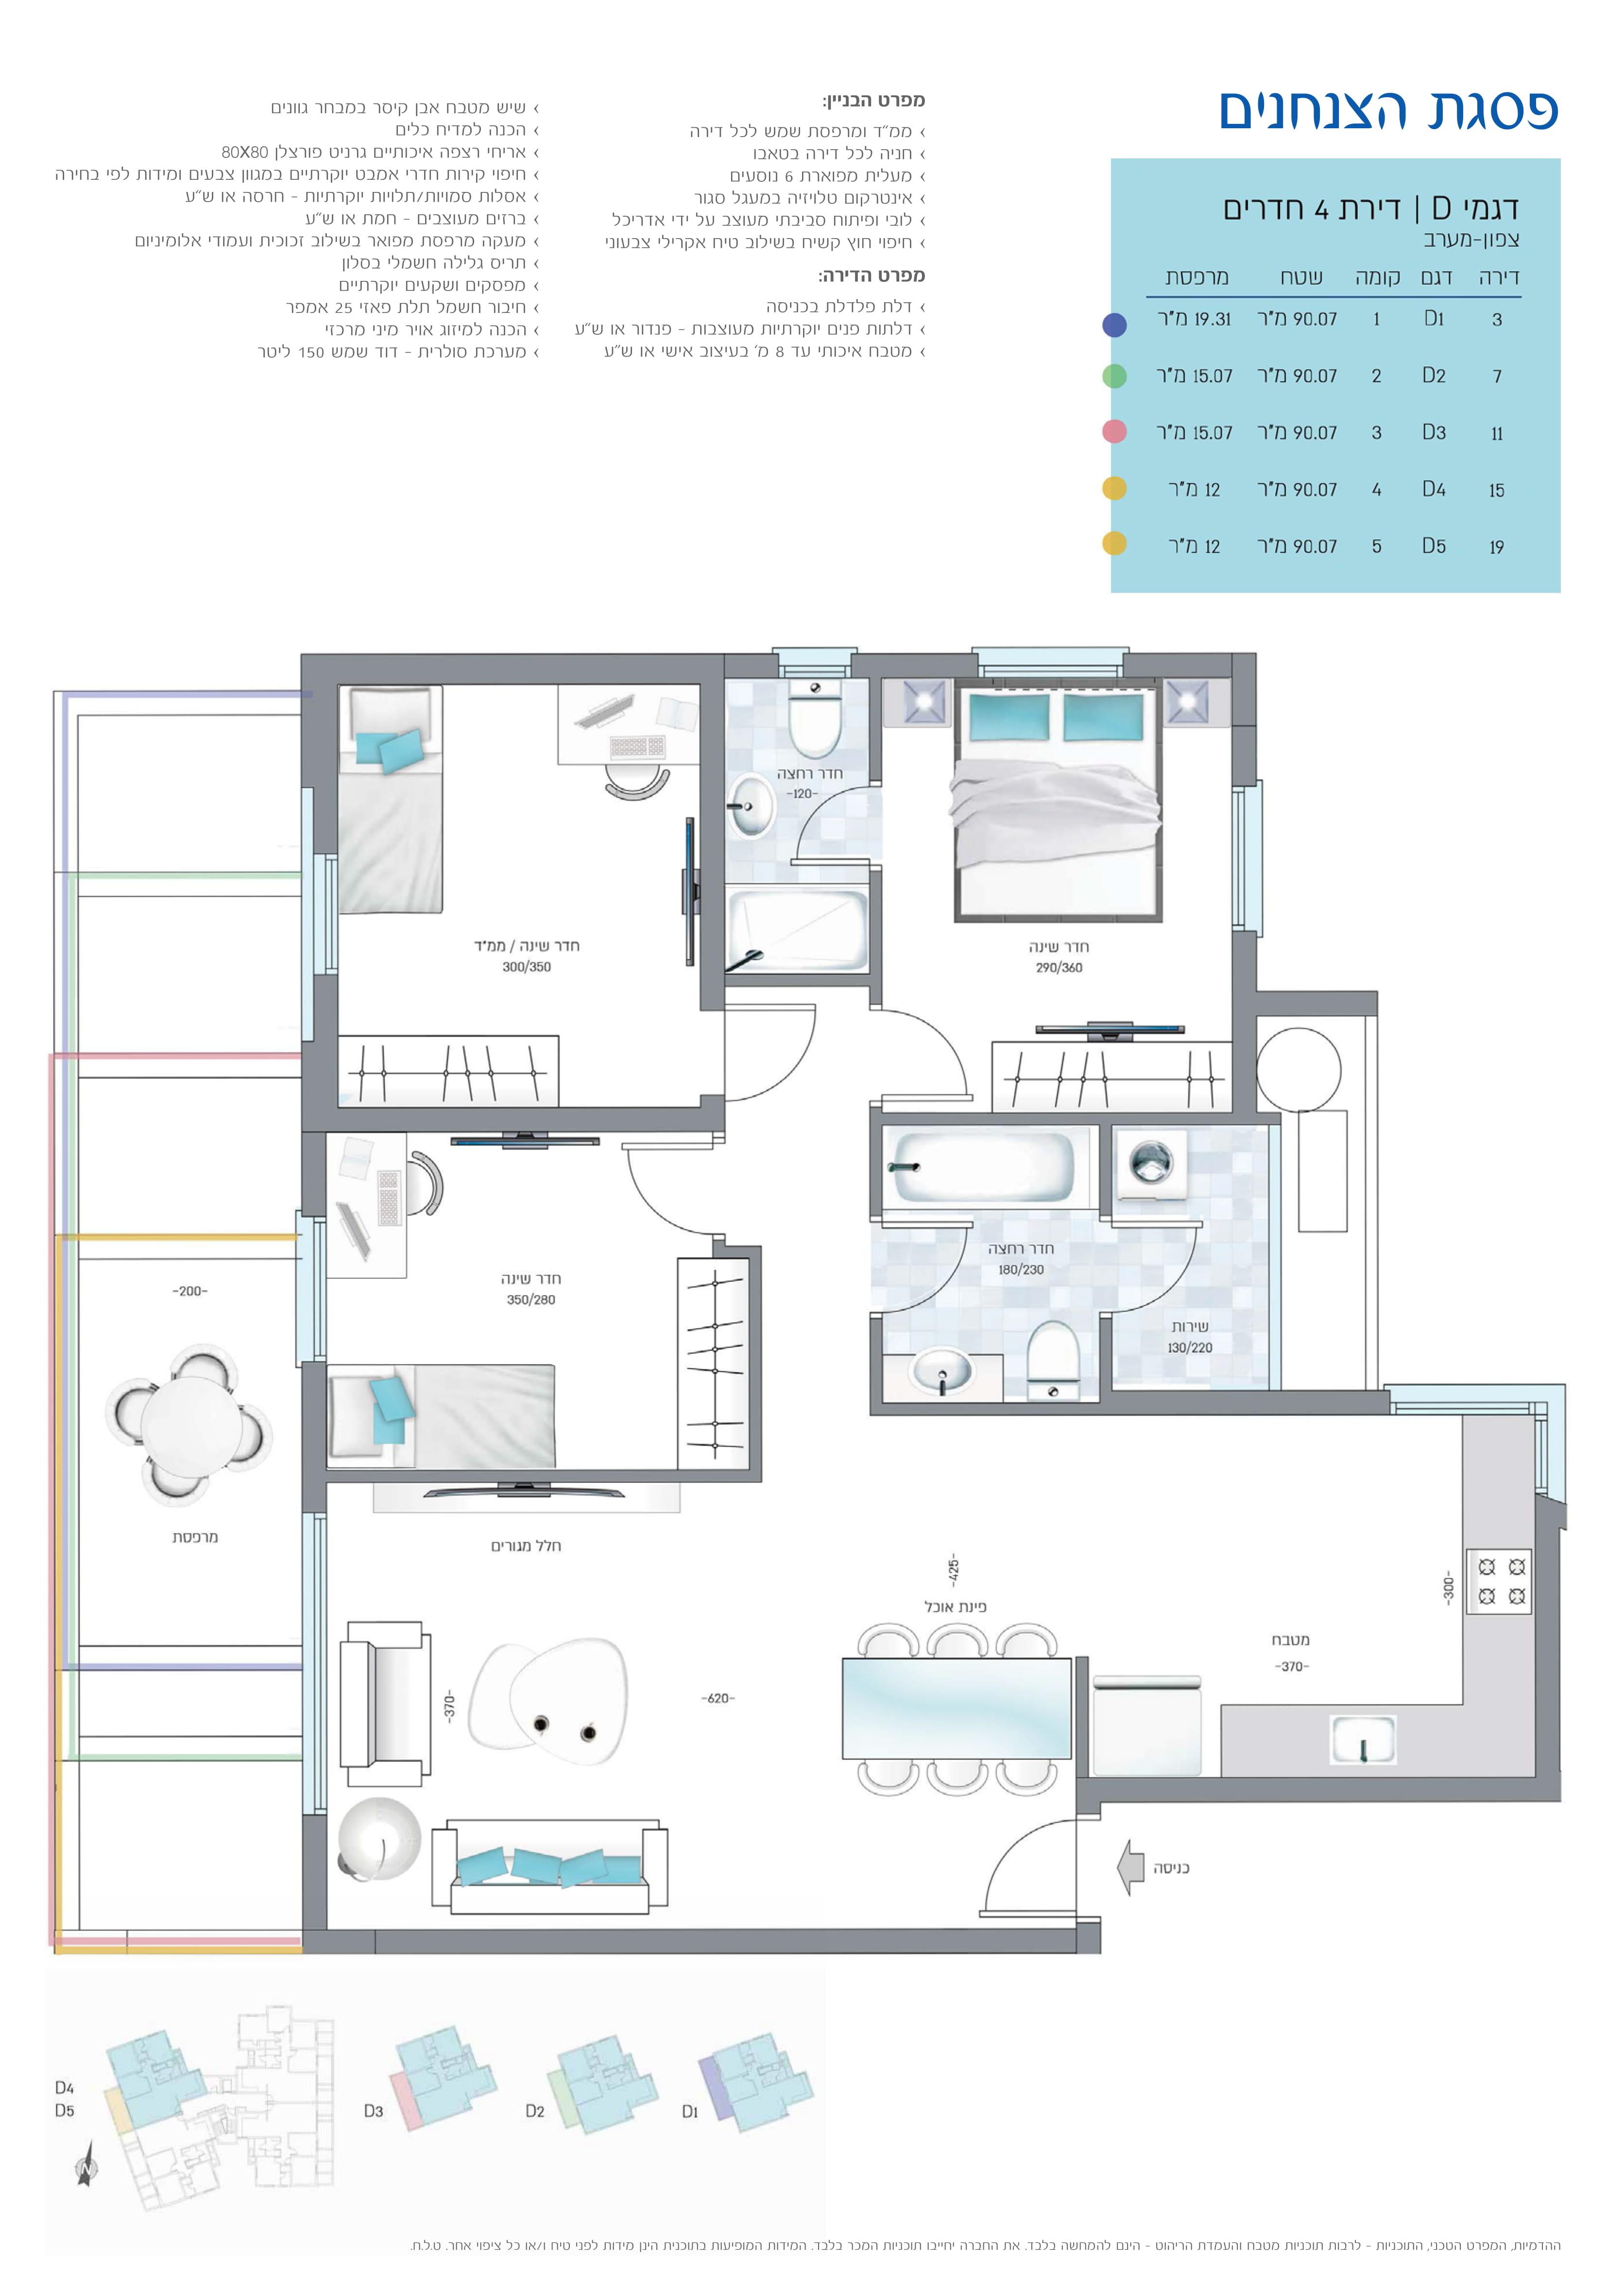 תוכנית הדירה לנכס מספר 14